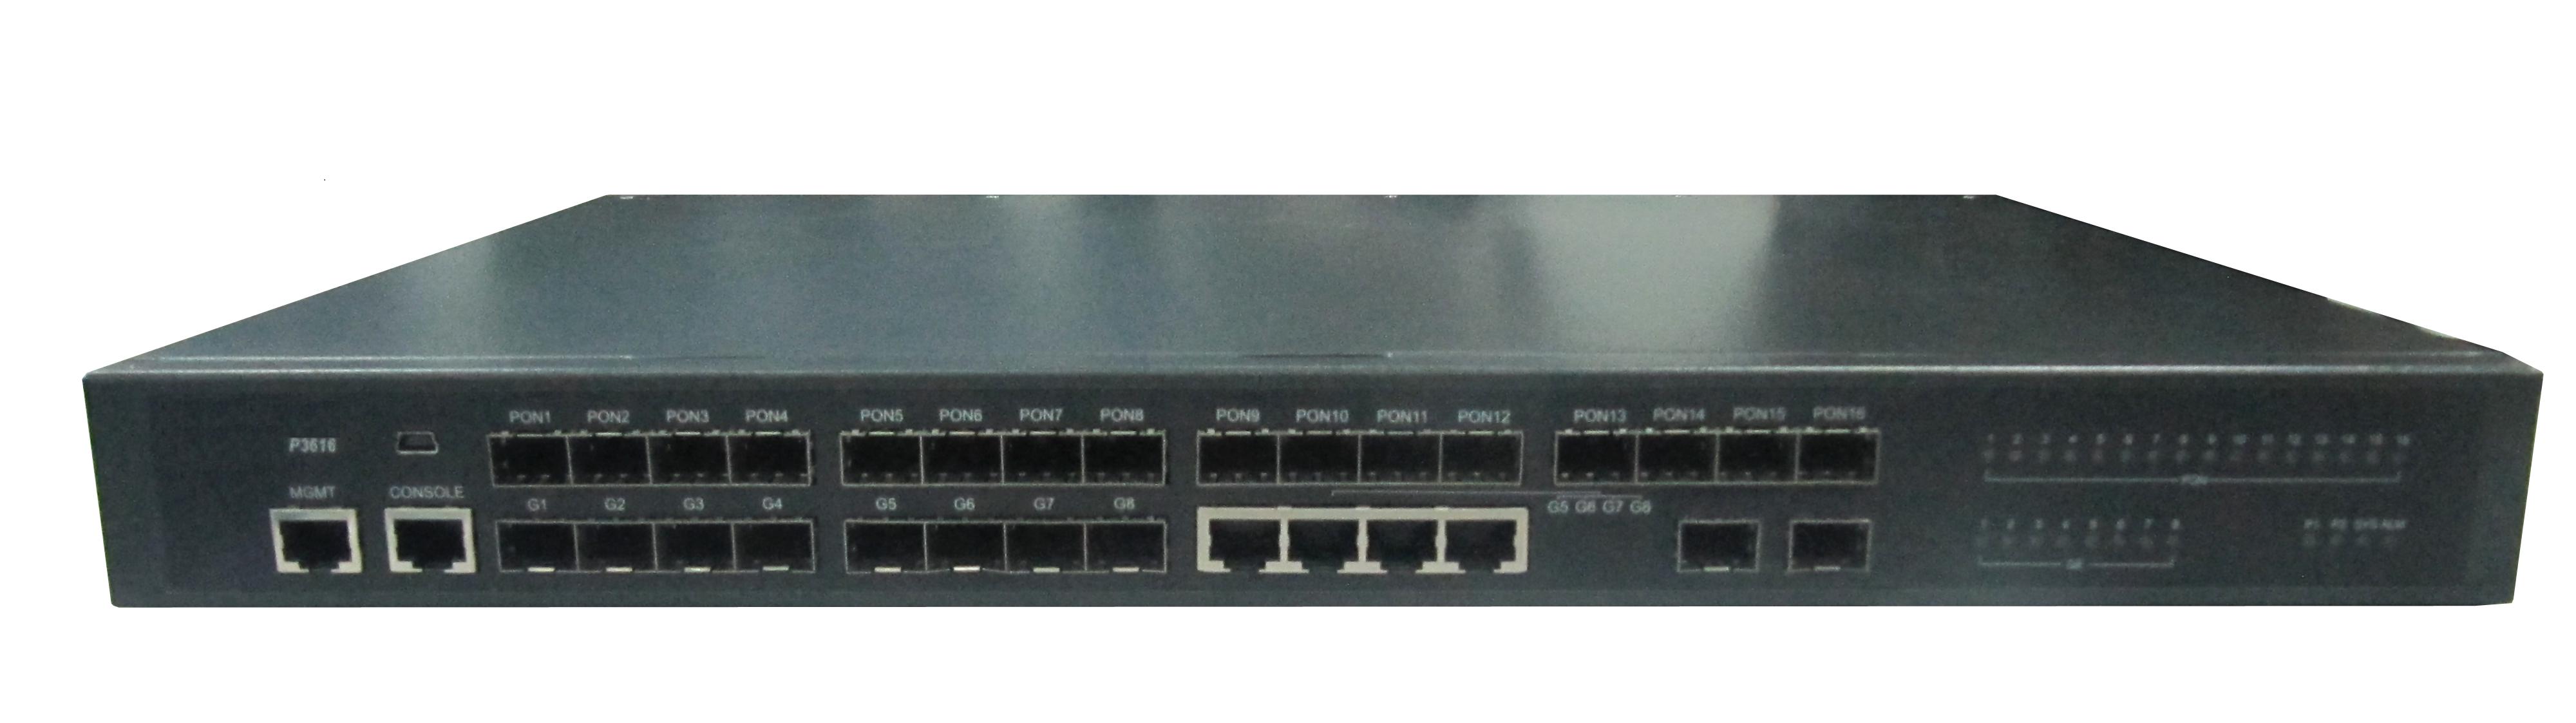 Layer 3 Aggregation EPON OLT 8, 12, 16 PON ports and GE or 10G uplinks